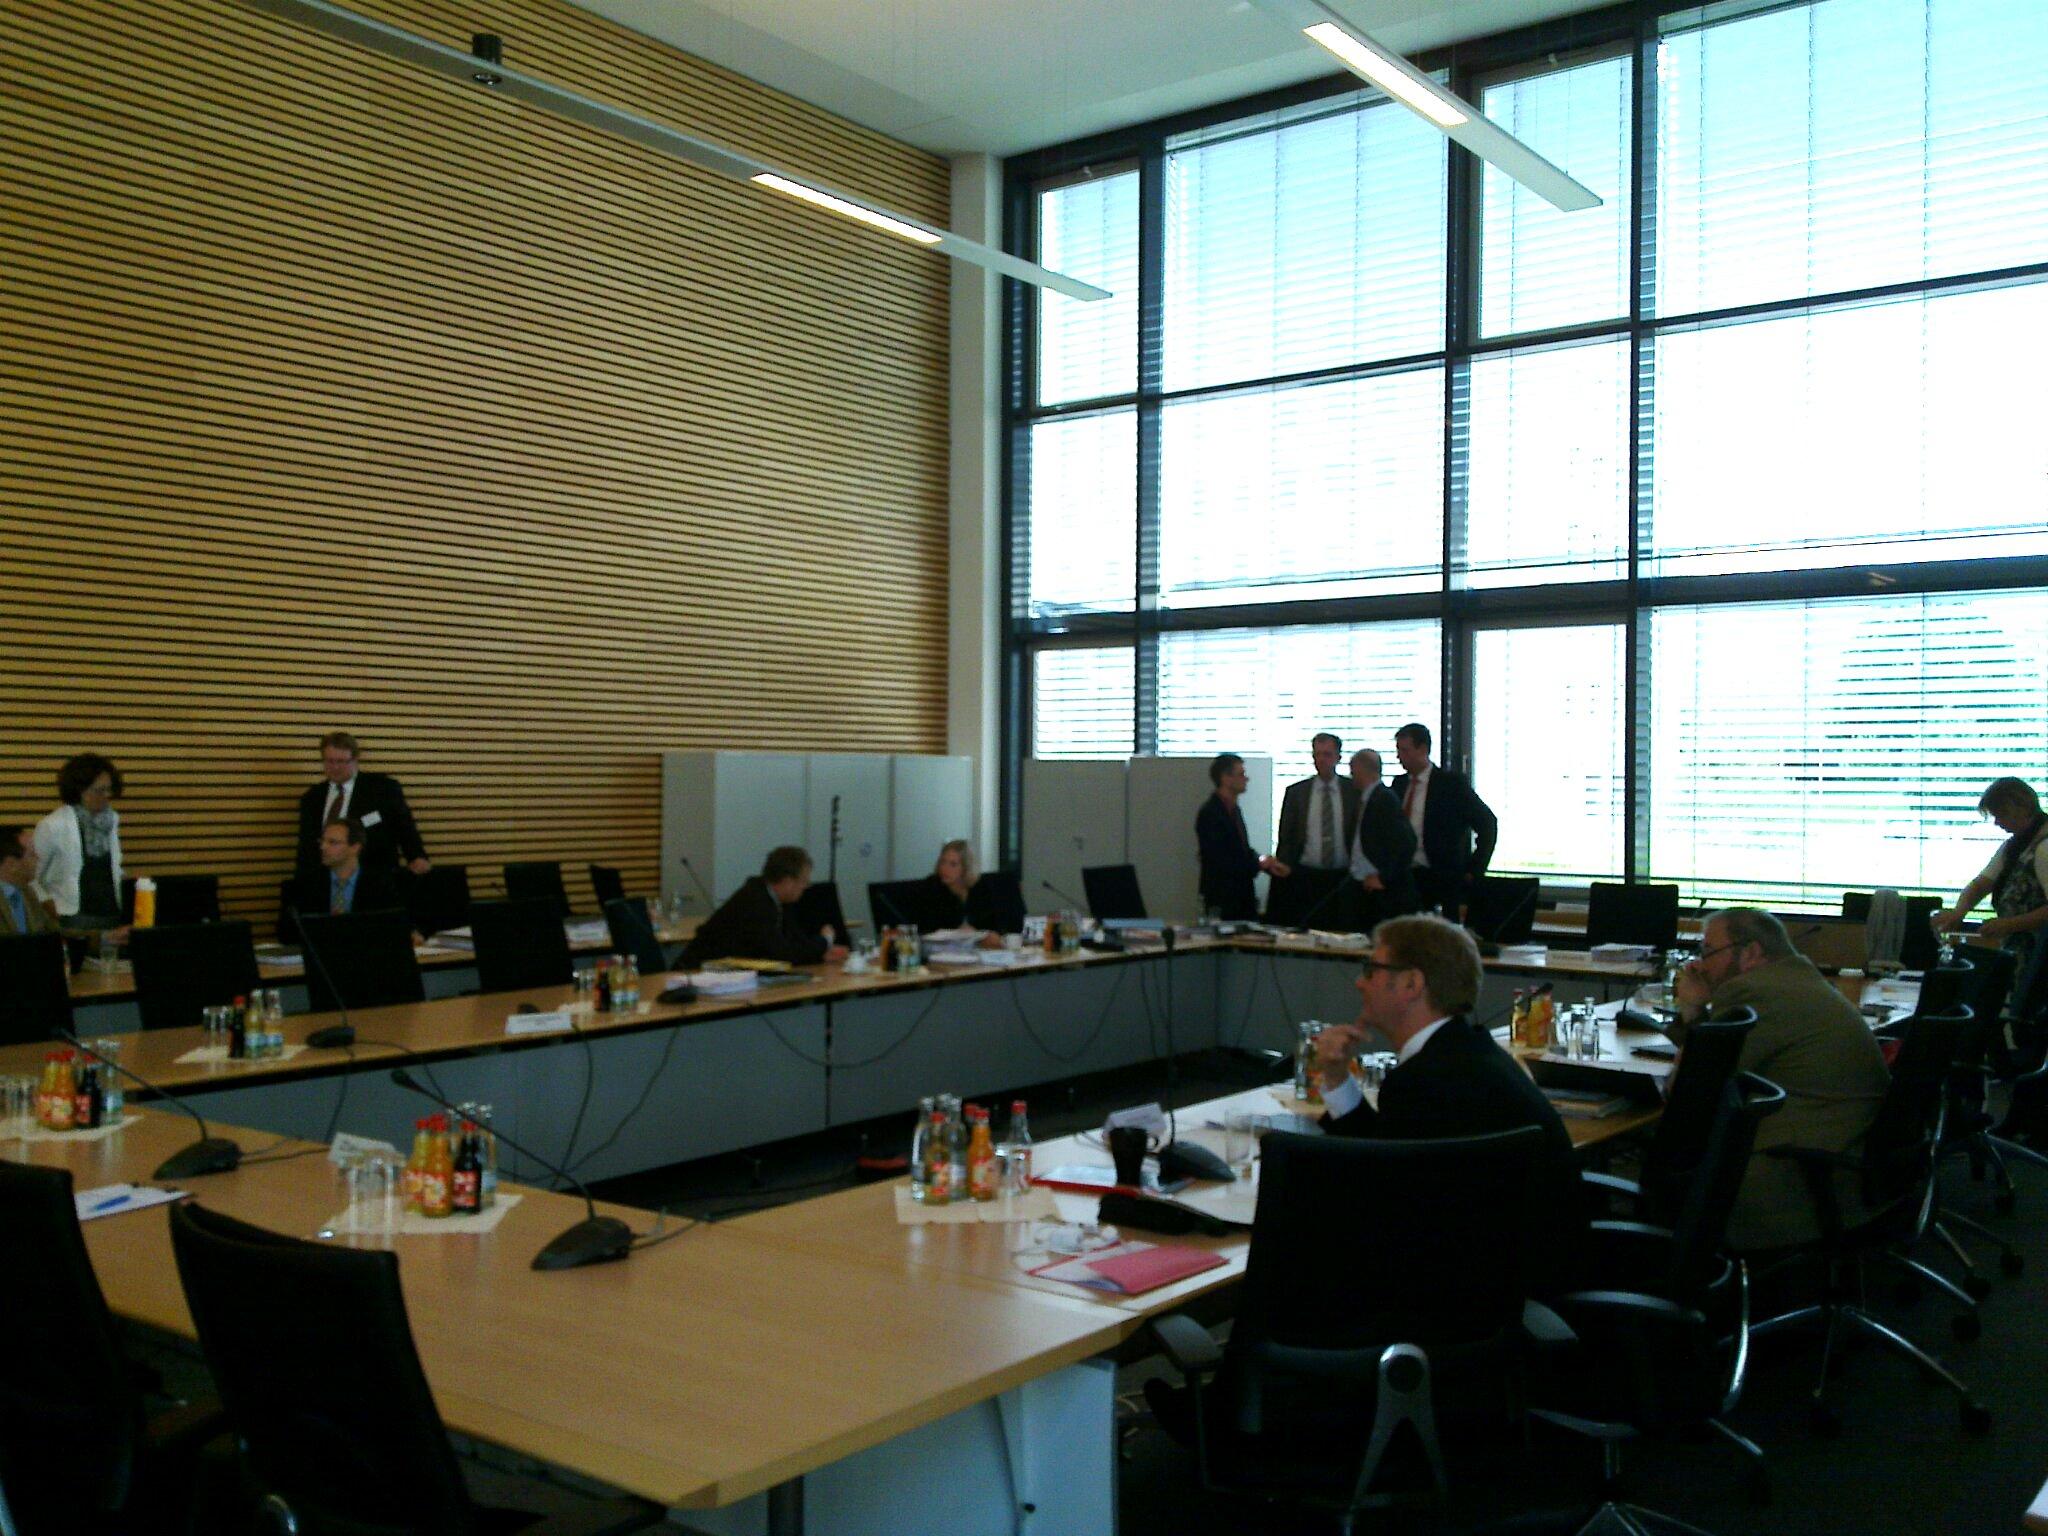 Eindrücke vom Untersuchungsausschuss am 10.7.2012